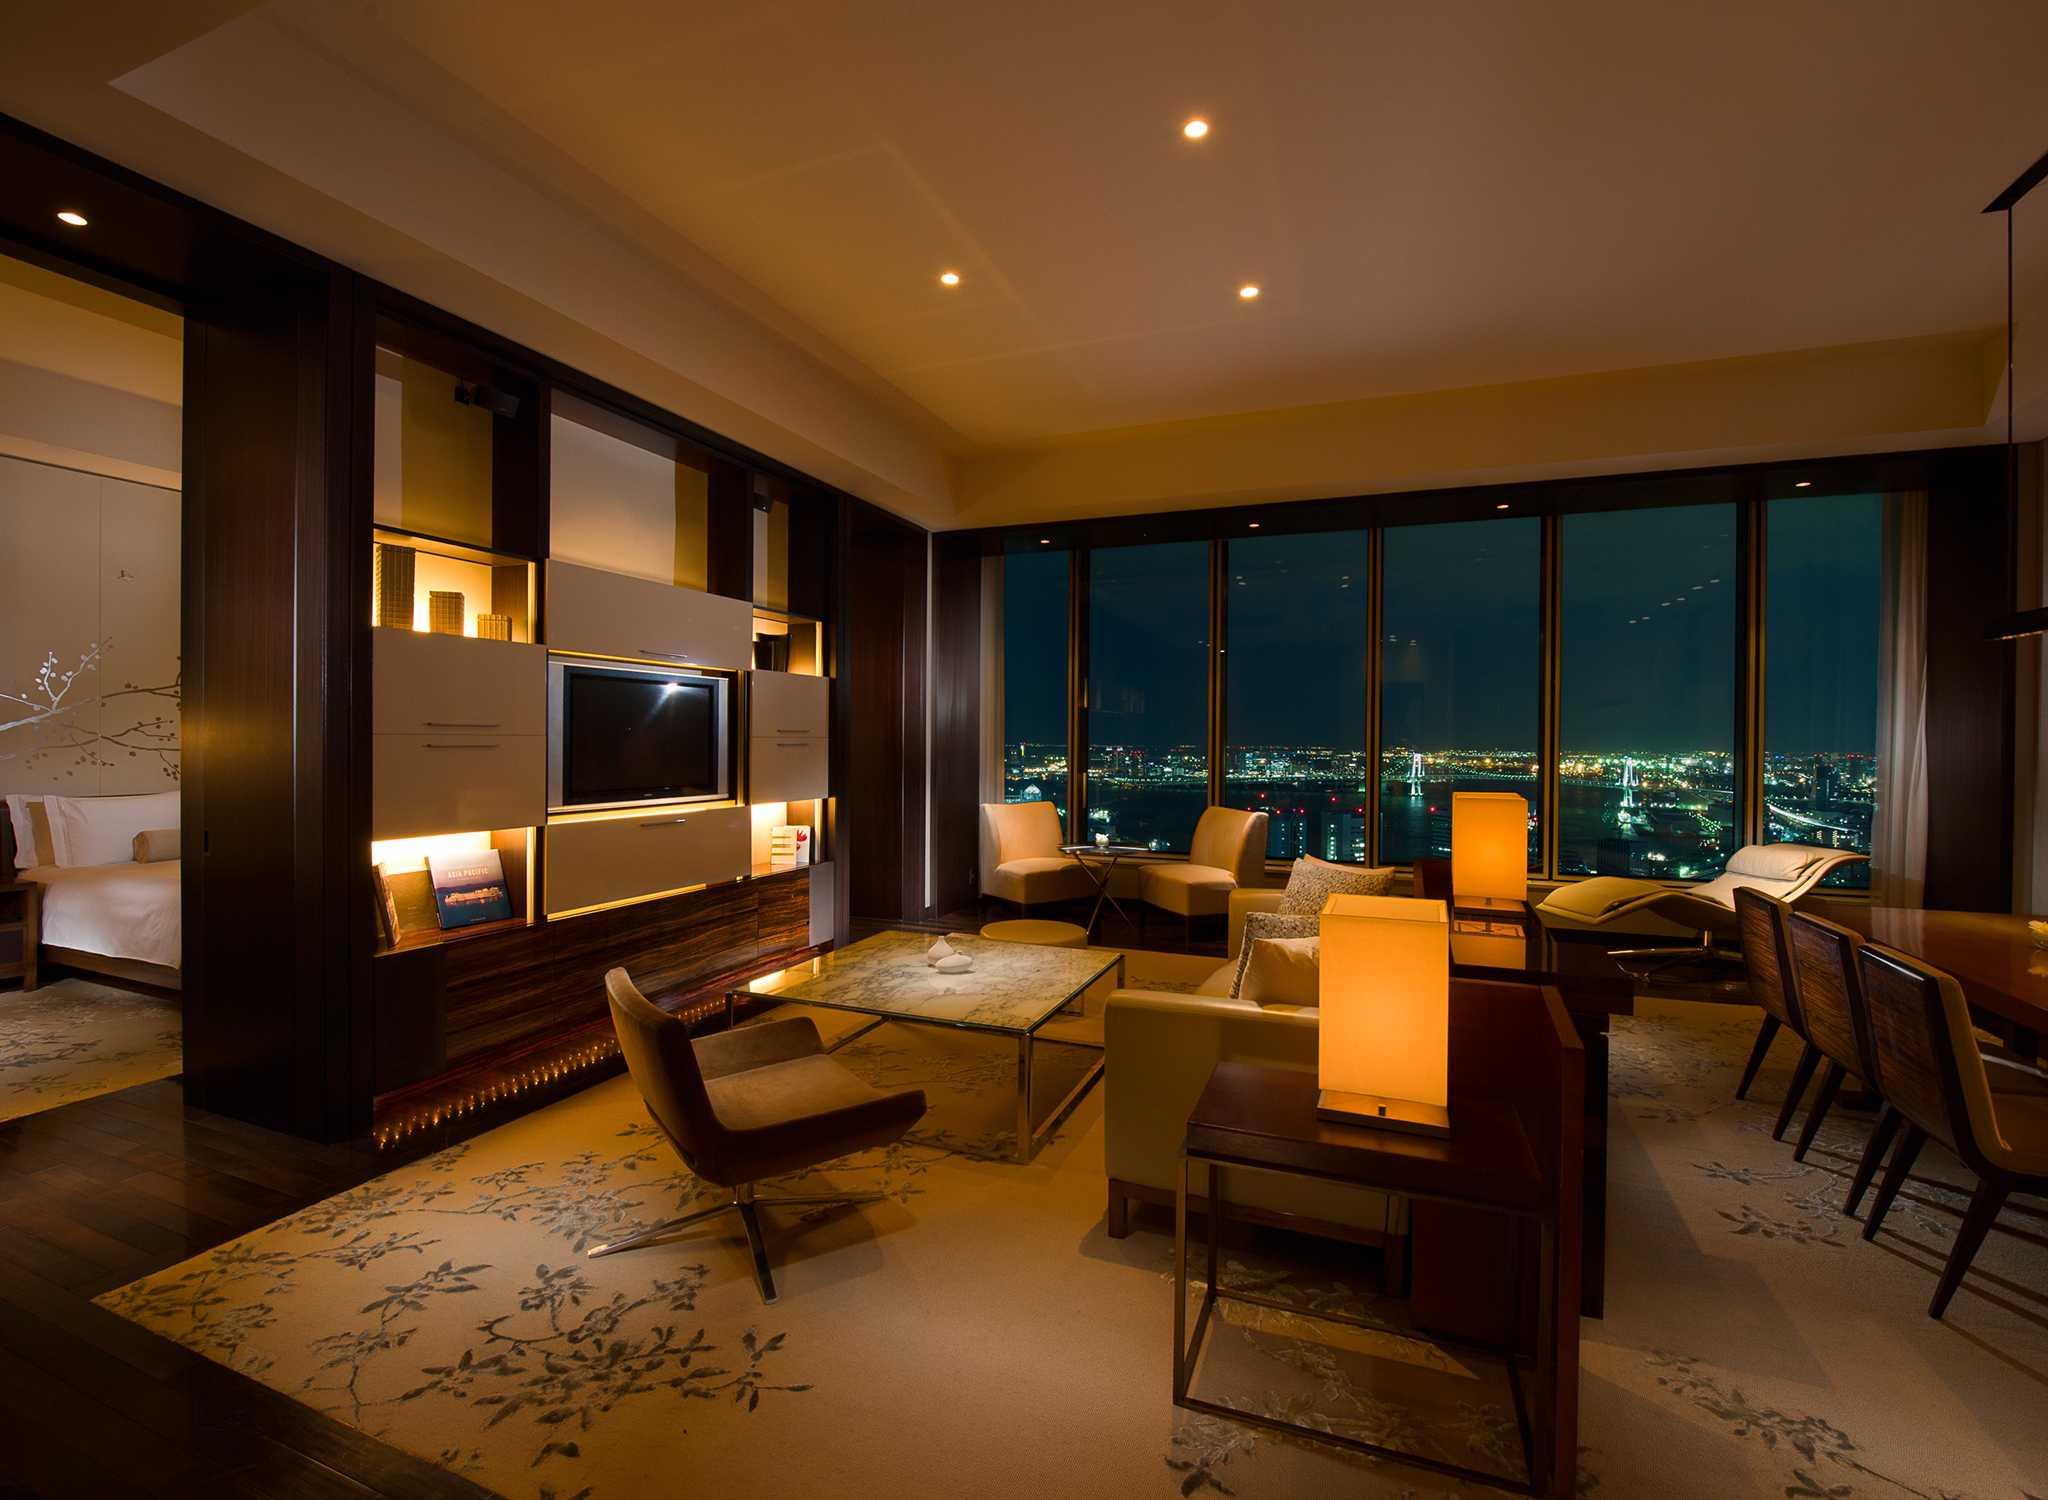 luxushotels und 4-sterne-urlaub in tokio – conrad tokyo, Hause deko